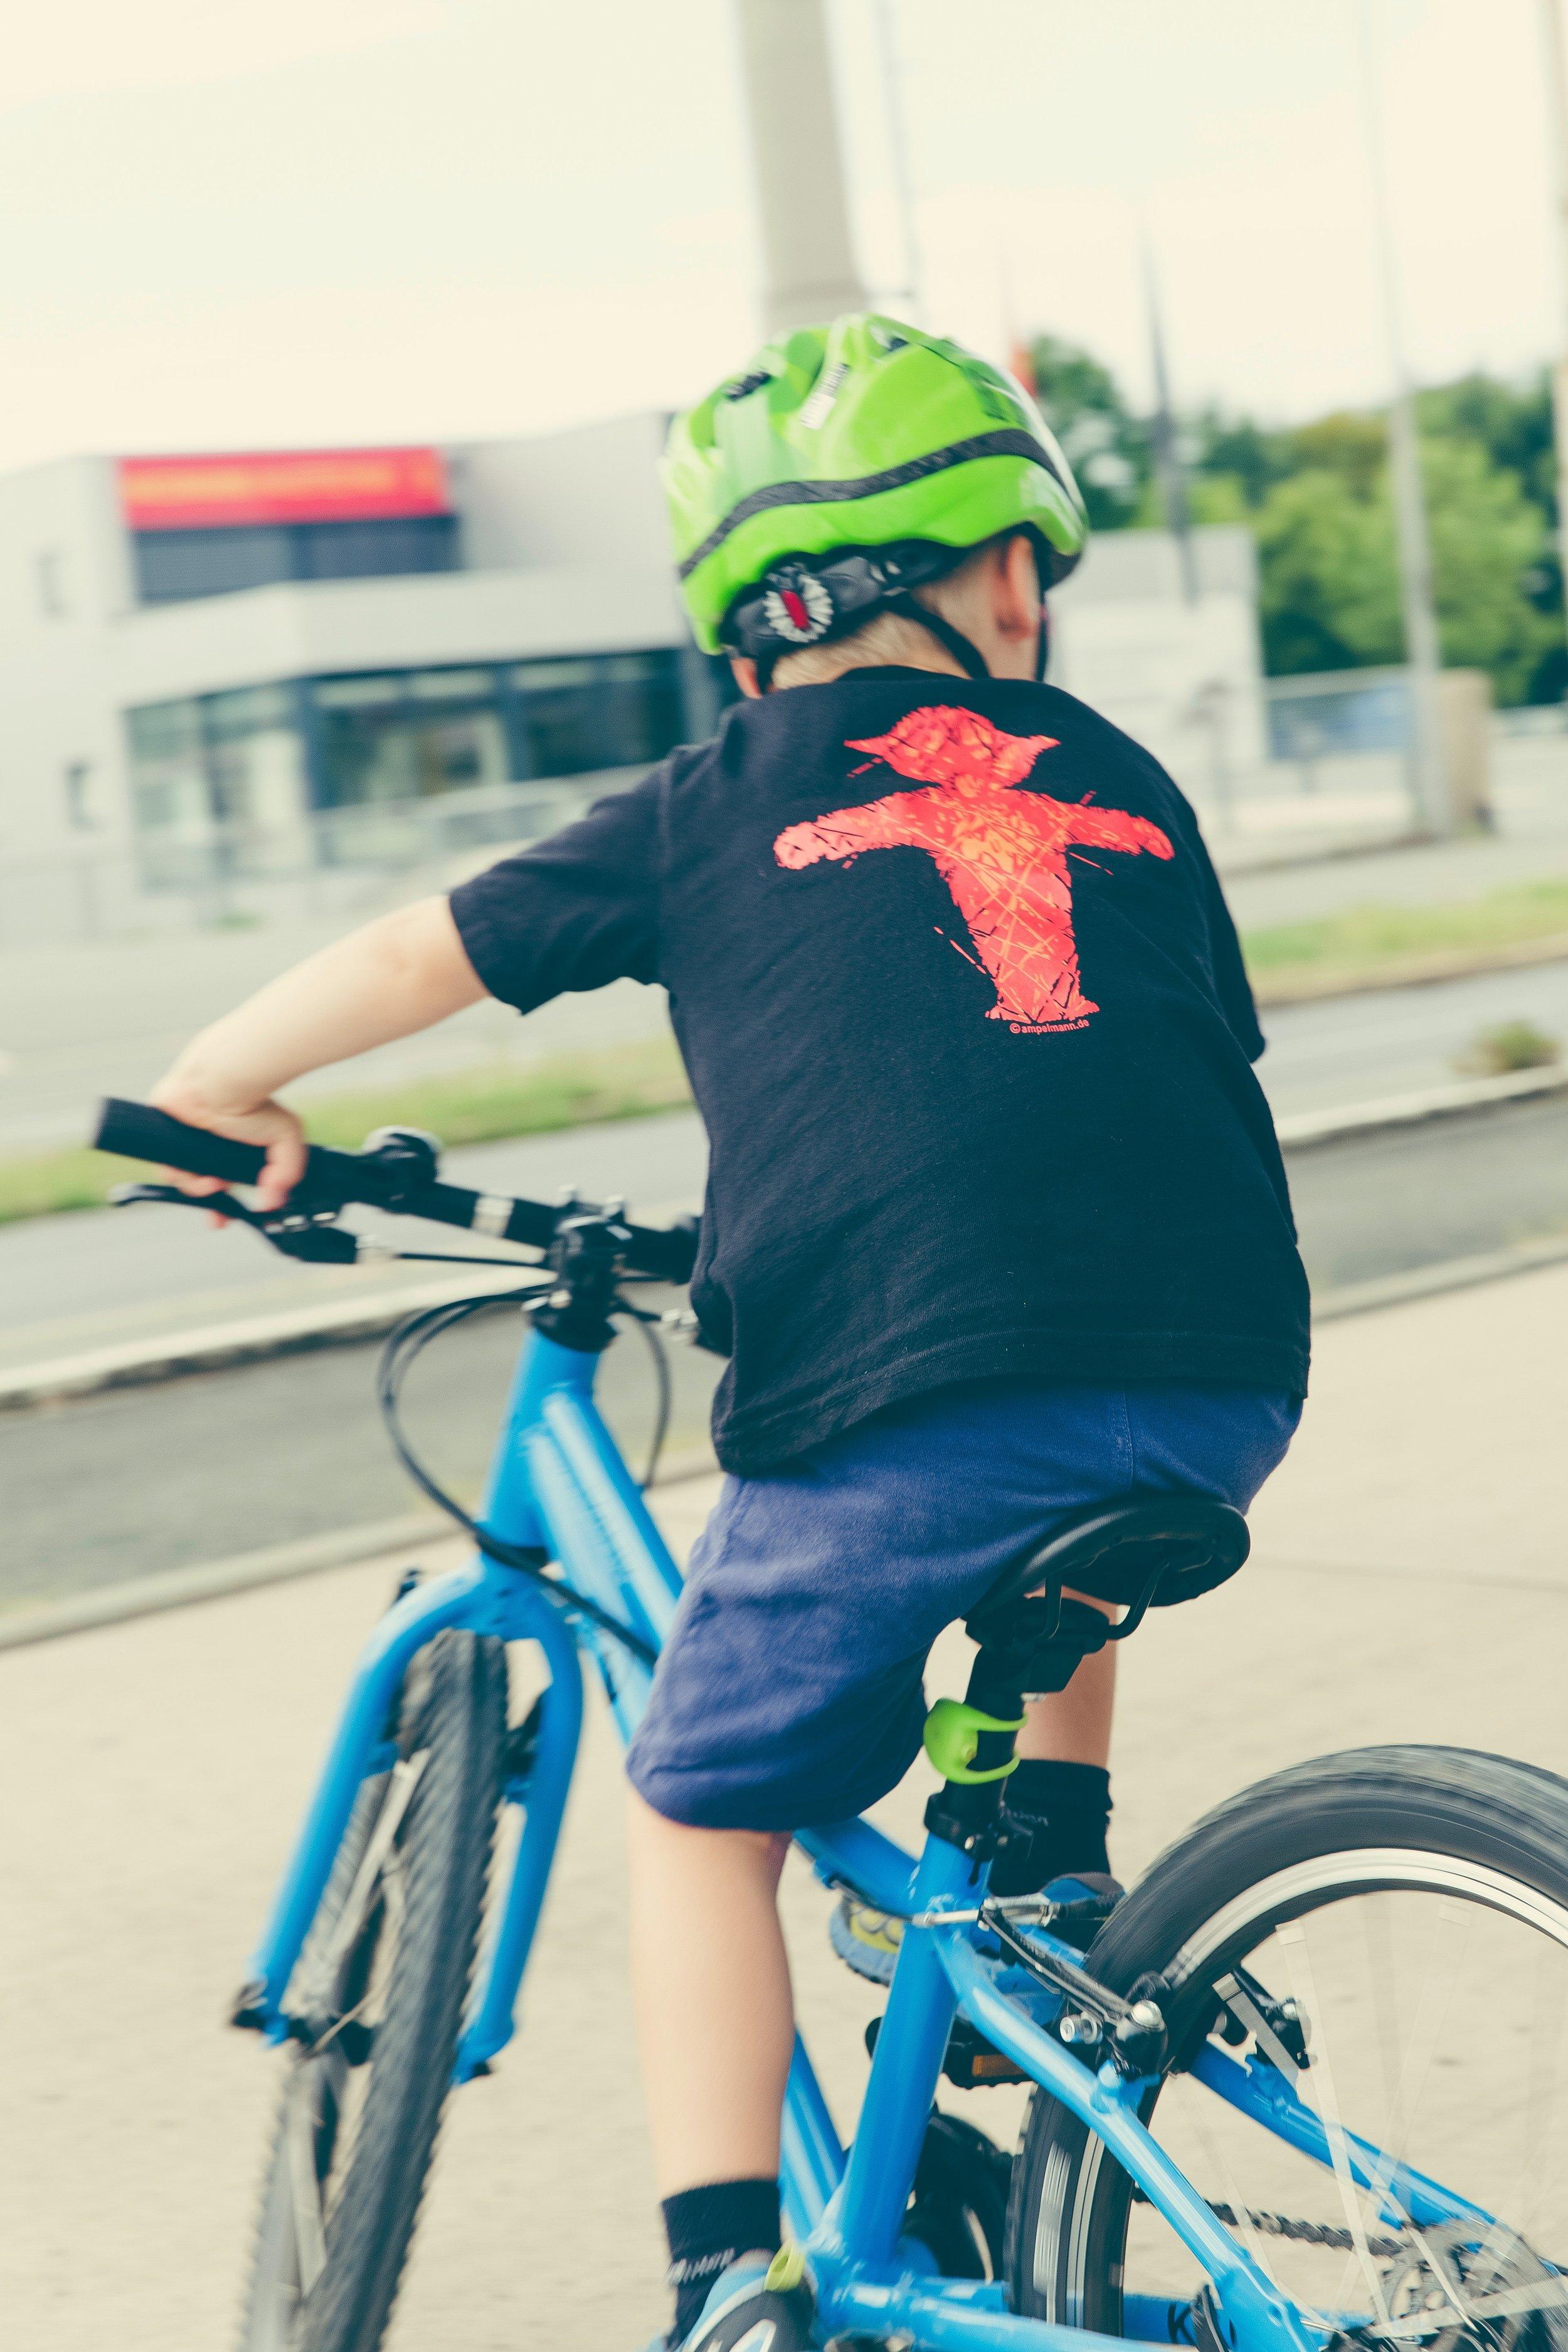 cycling_child.jpg